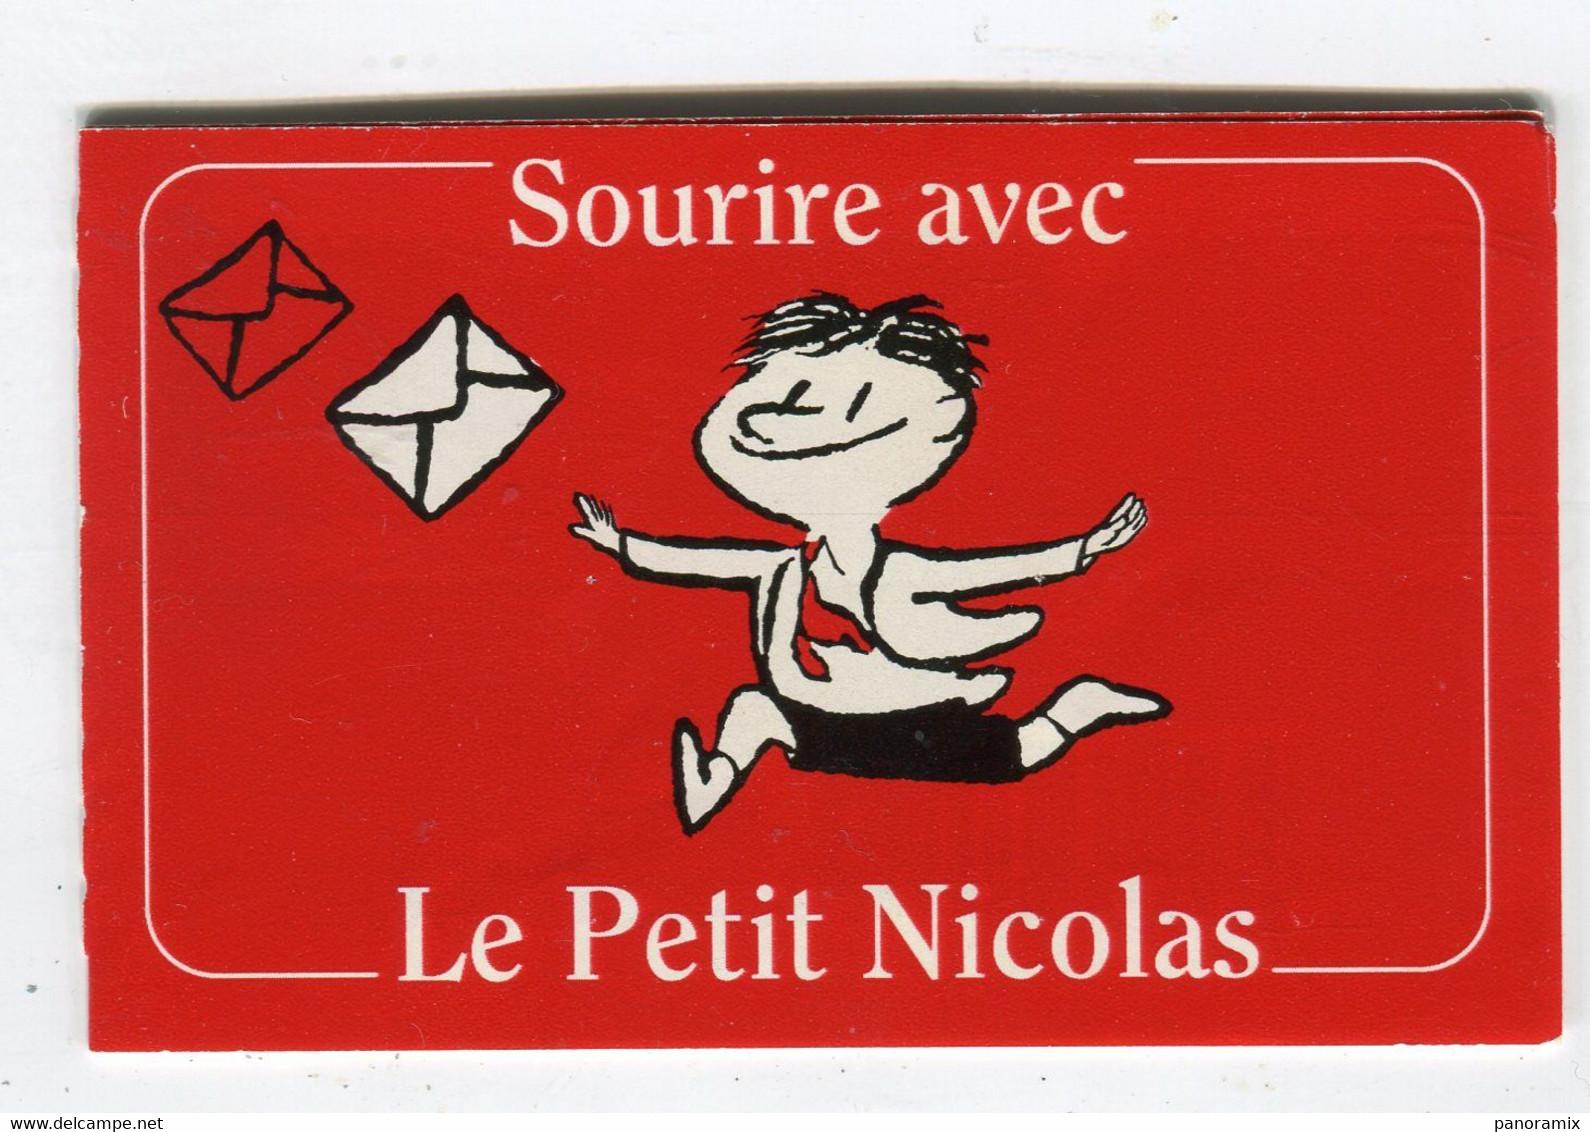 Carte De Visite °_ Carton-Carnet Timbres Vide-Petit Nicolas R/V - Visiting Cards